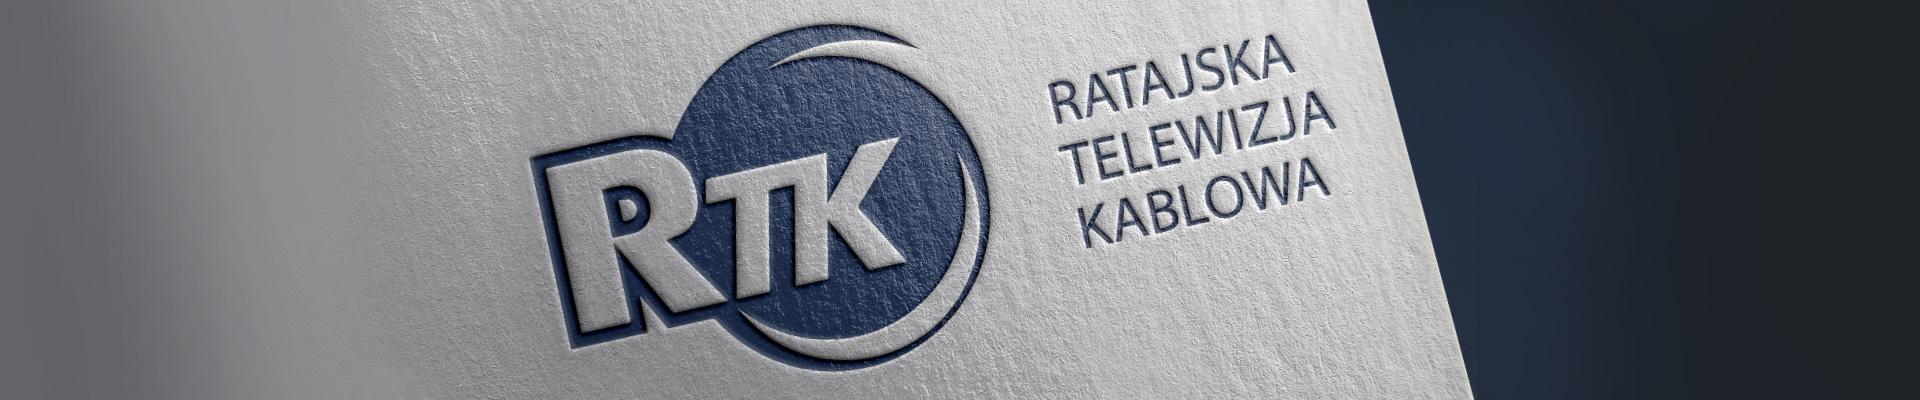 Ratajska Telewizja Kablowa